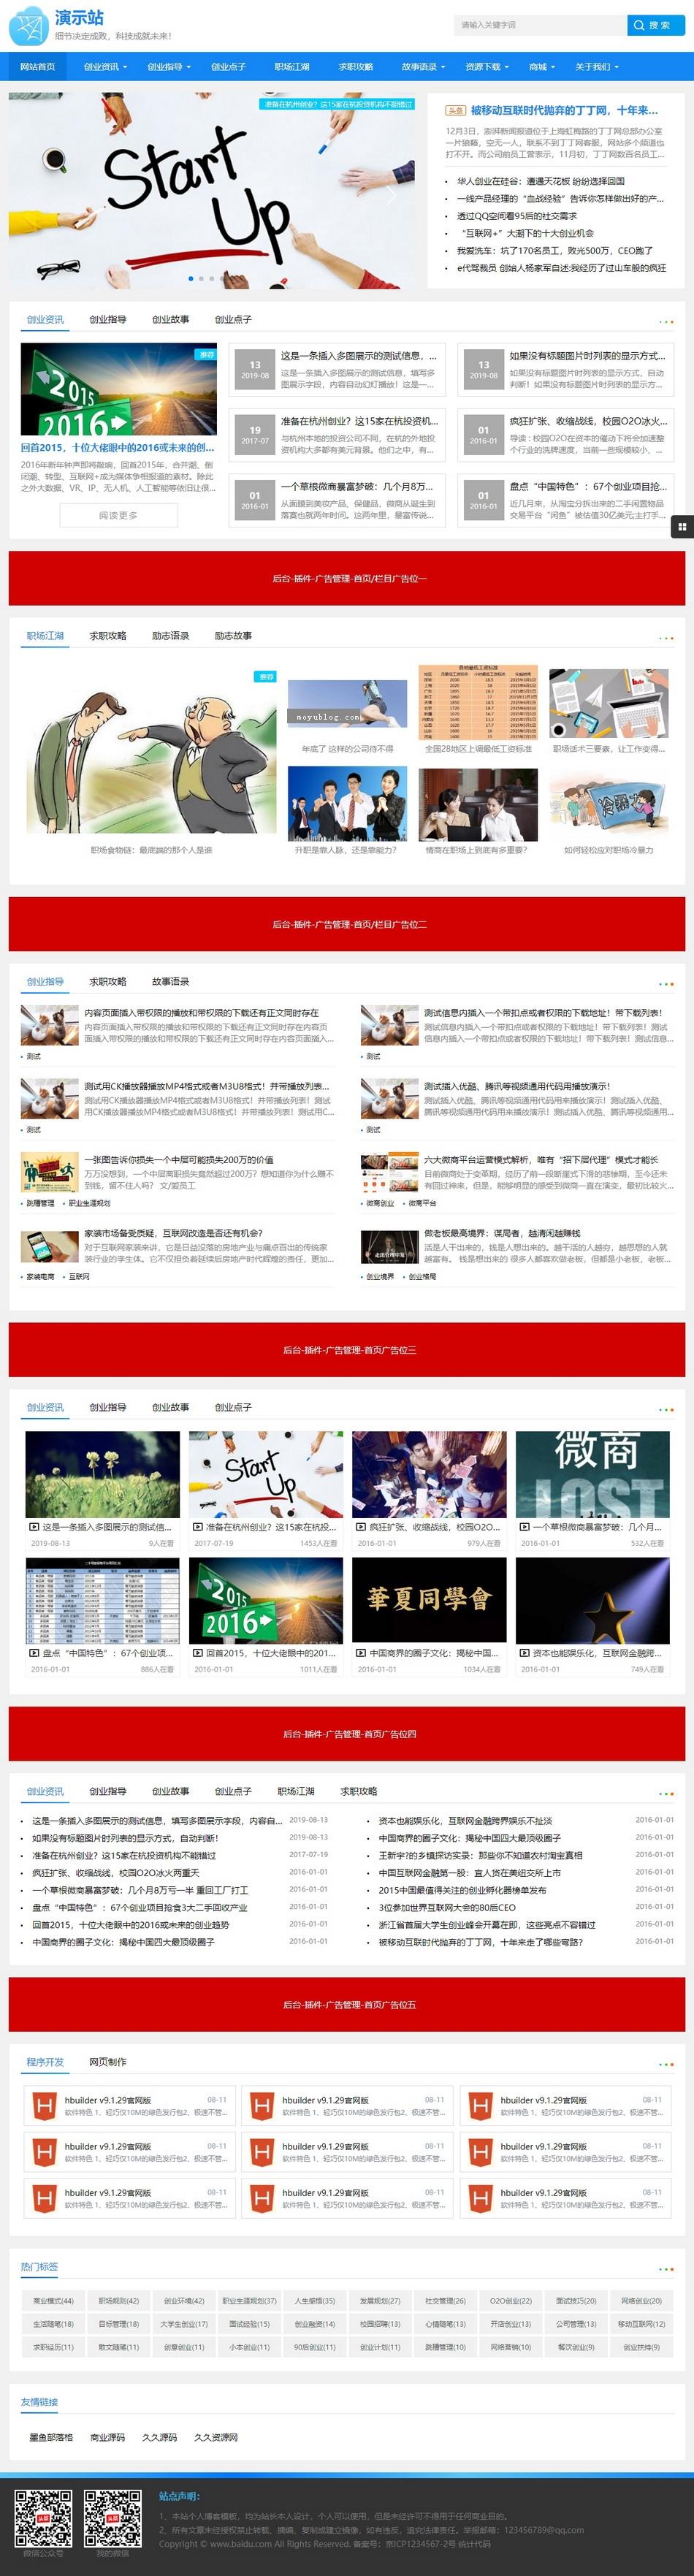 帝国CMS视频收费播放下载新闻资讯门户商城自适应手机HTML5整站模板插图(1)